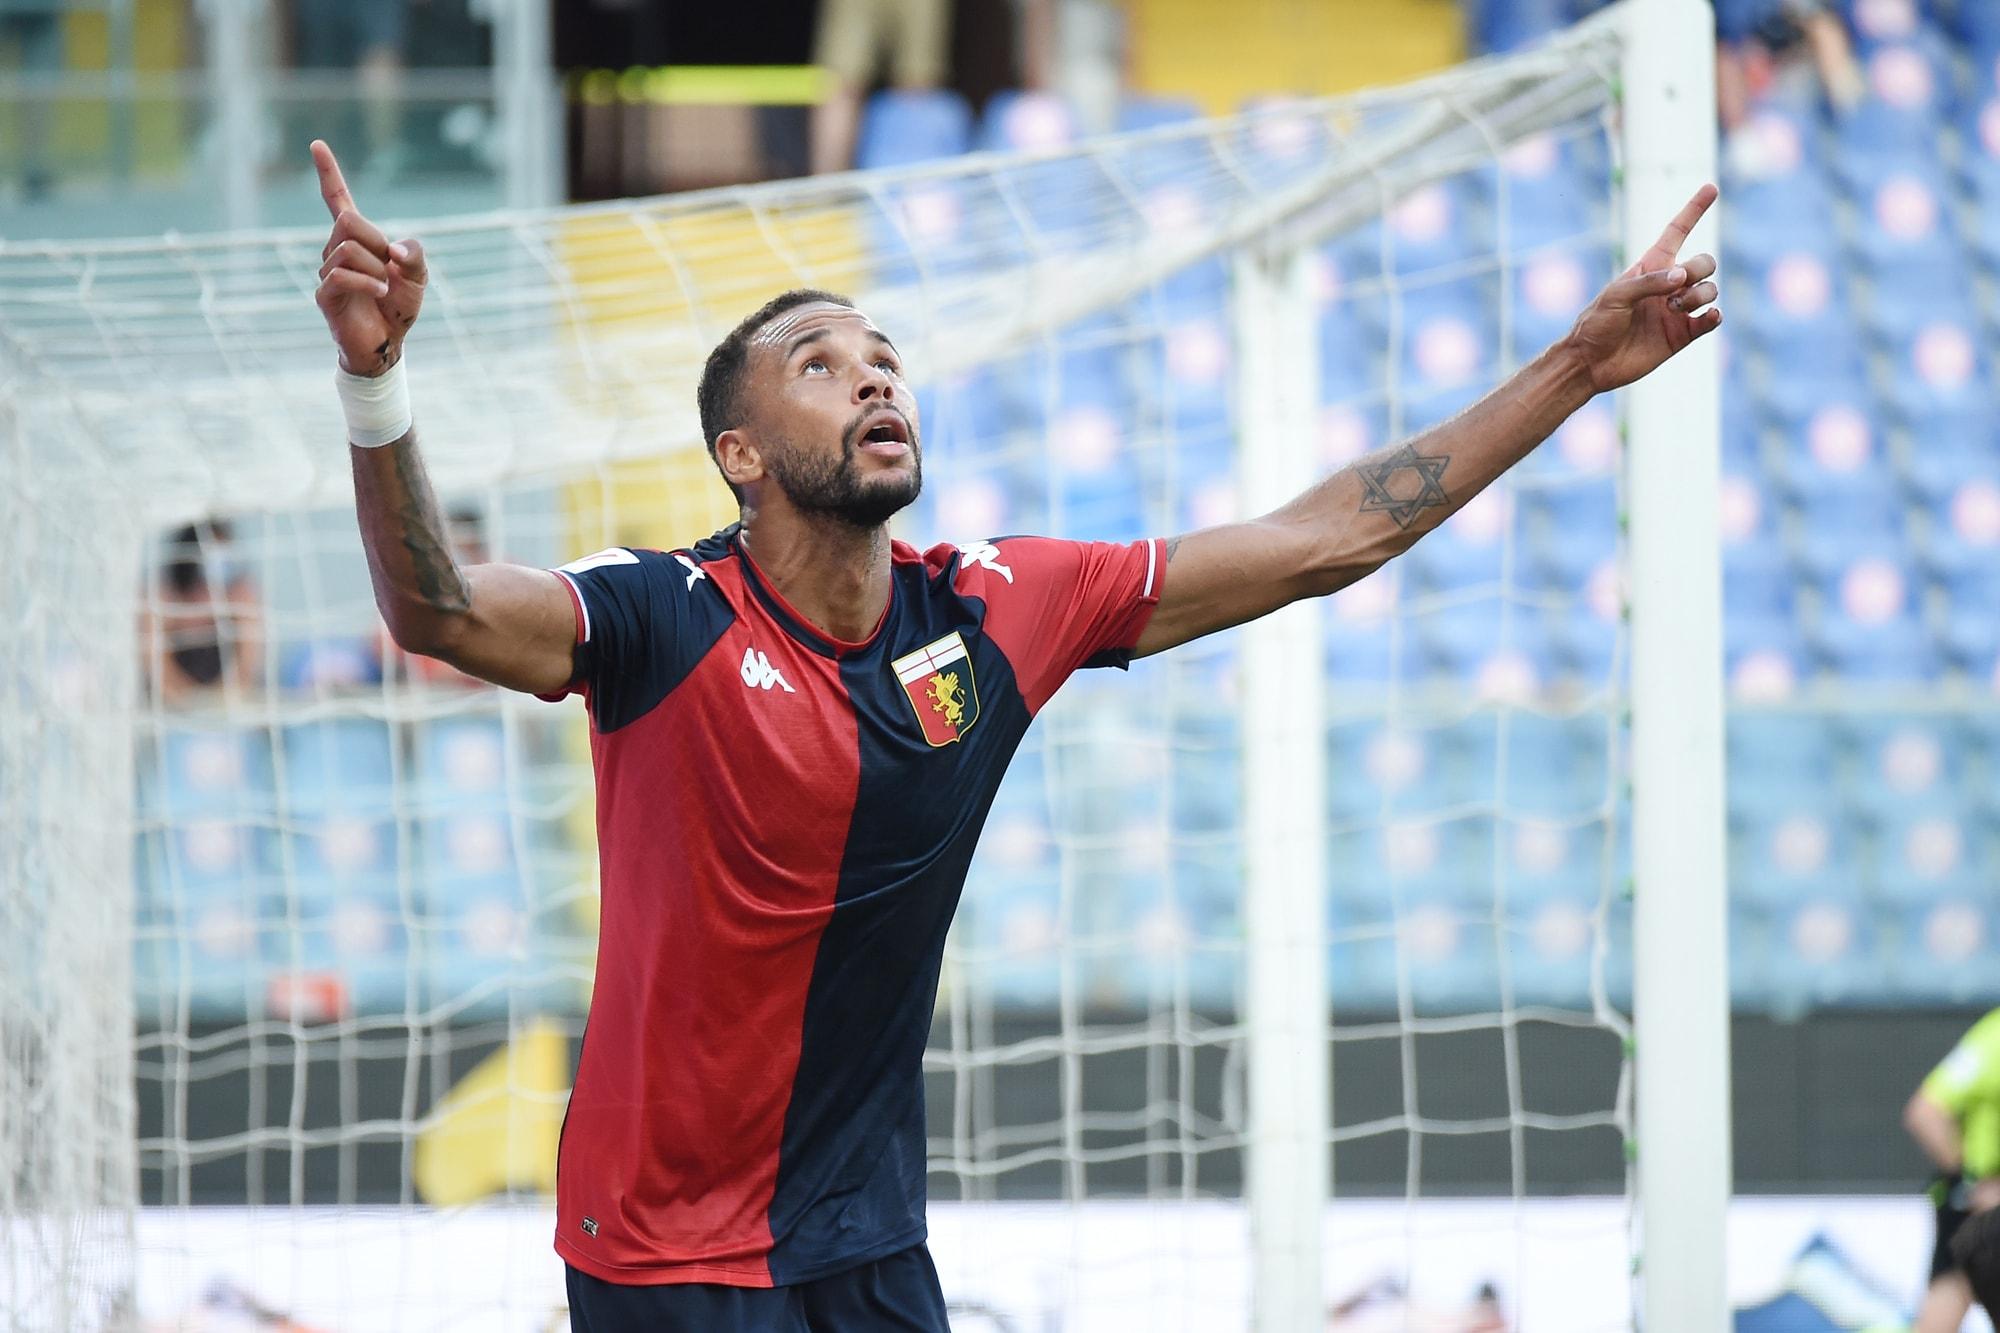 200138945 1048d40b 05ff 4d33 842a 00459191ae2f - Coppa Italia, Genoa-Perugia 3-2. Anche lo Spezia va avanti